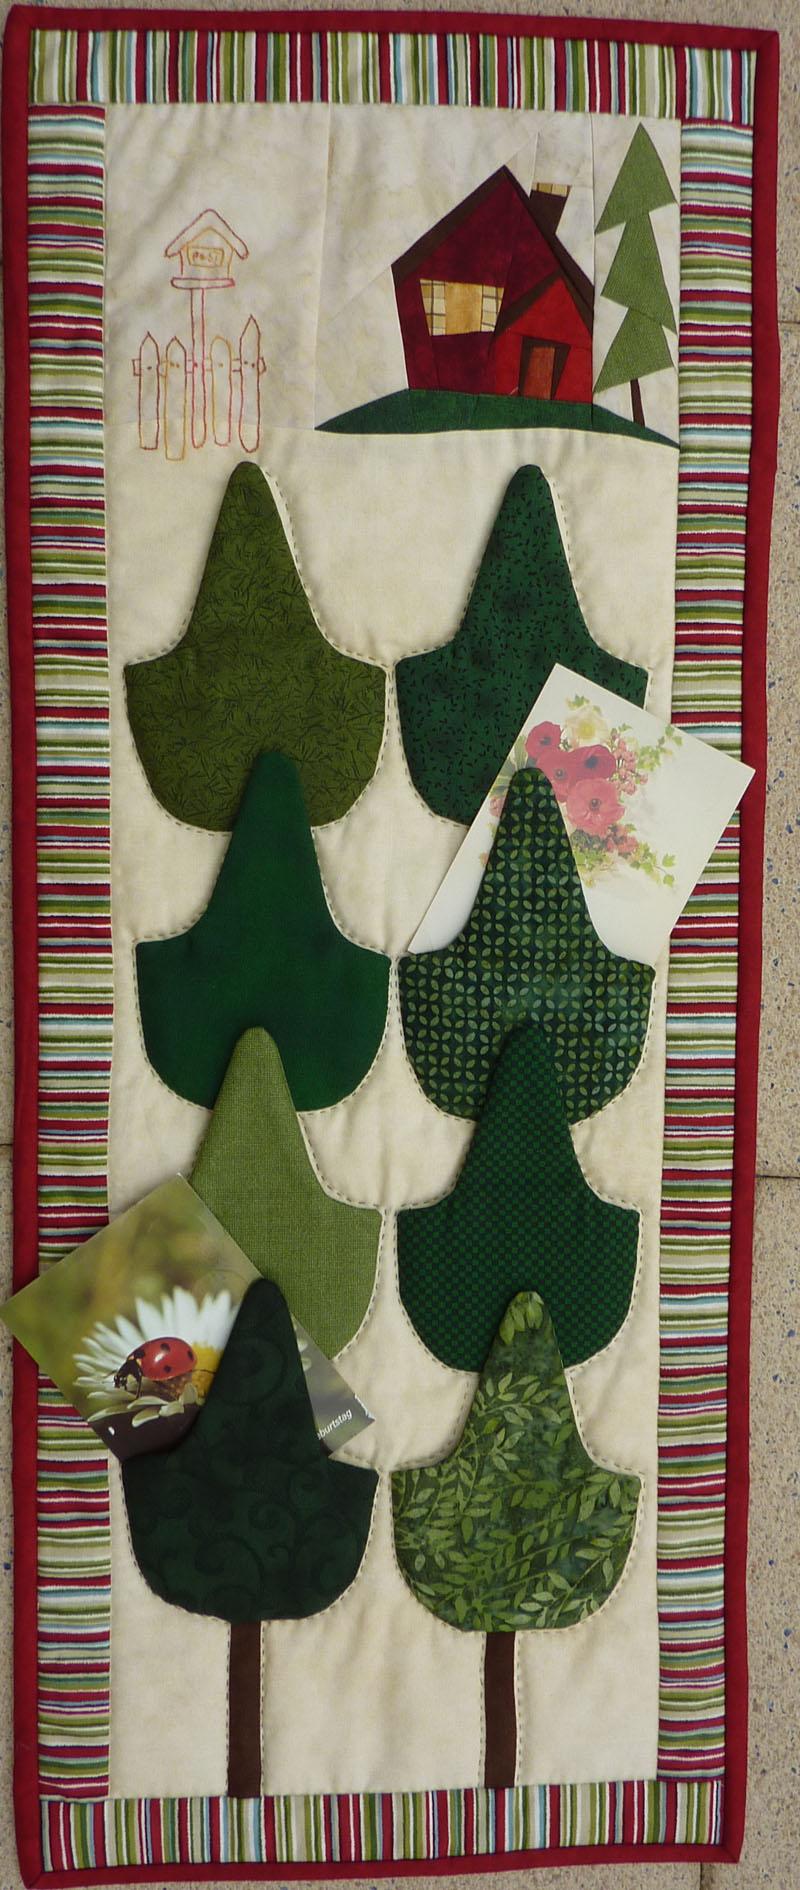 - ♡ wunderschöner Postsammler für Weihnachten  - ♡ wunderschöner Postsammler für Weihnachten